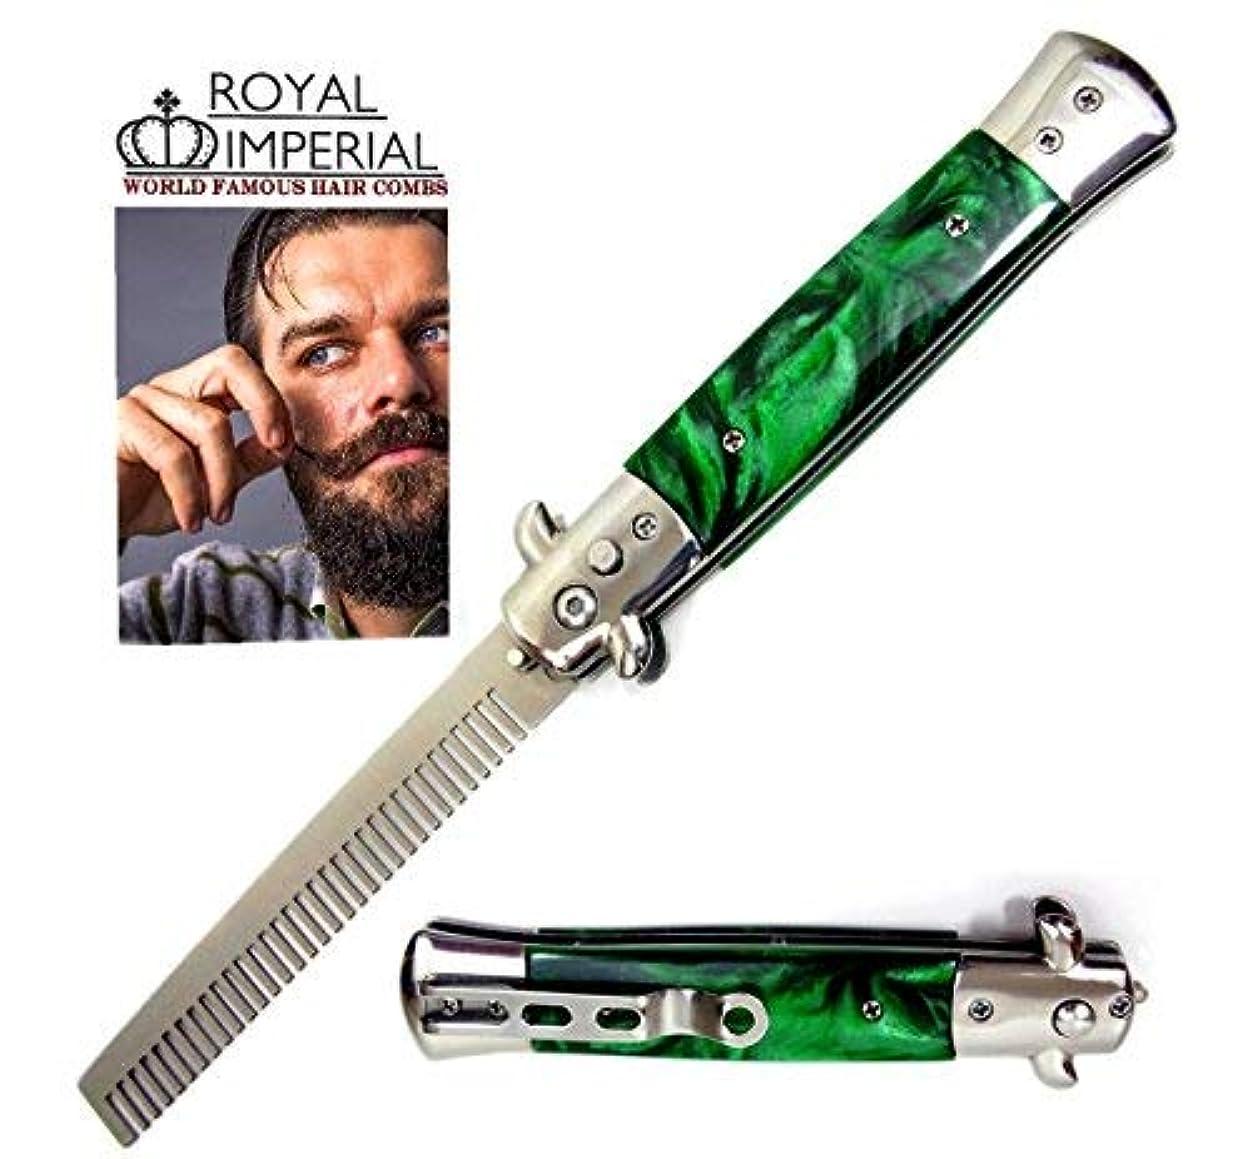 スロープグループ費用Royal Imperial Metal Switchblade Pocket Folding Flick Hair Comb For Beard, Mustache, Head GREEN MIST Handle ~...